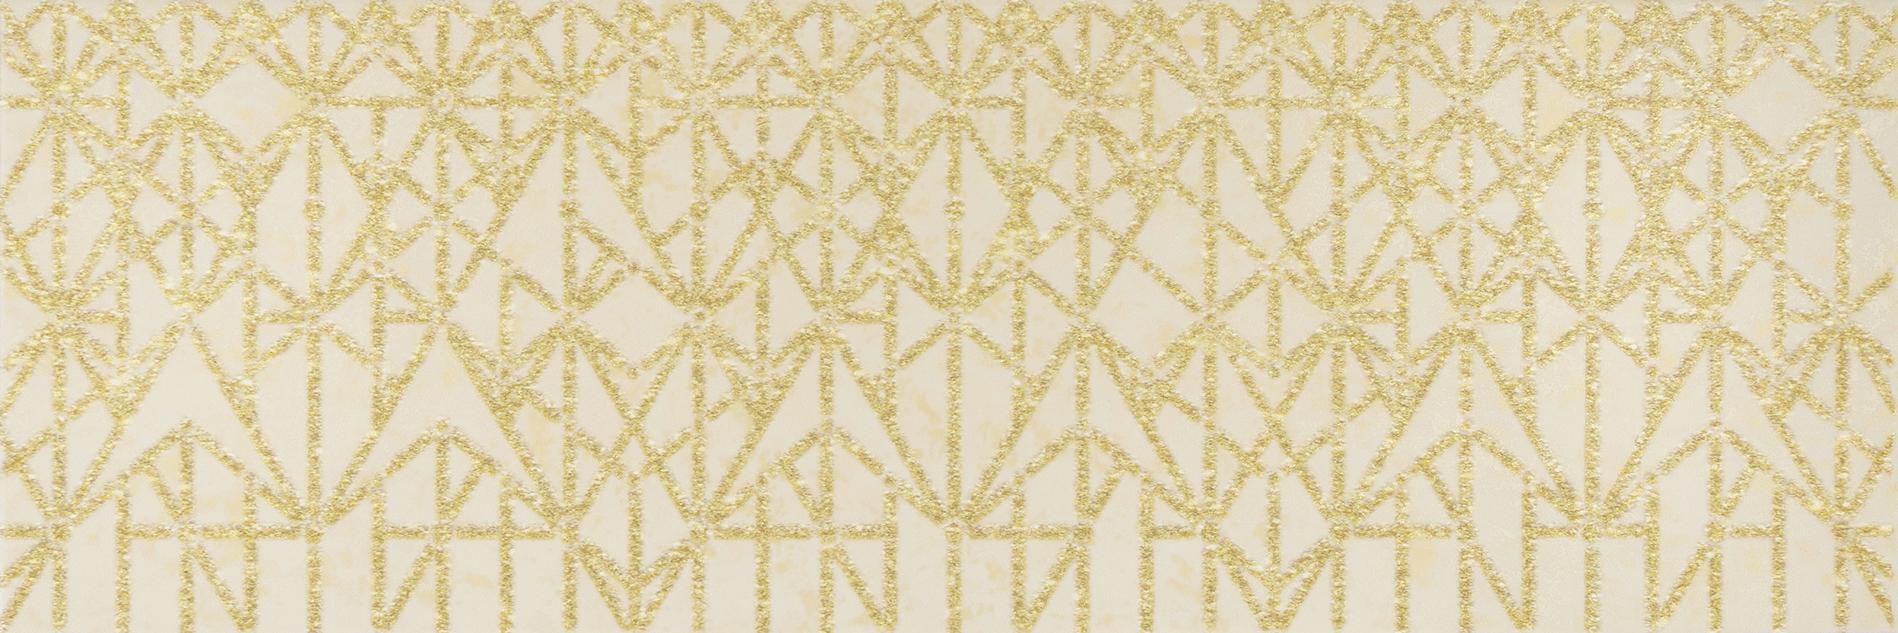 Купить Керамическая плитка AltaСera Lantana 2 DW11LNT201 декор 20x60, Россия